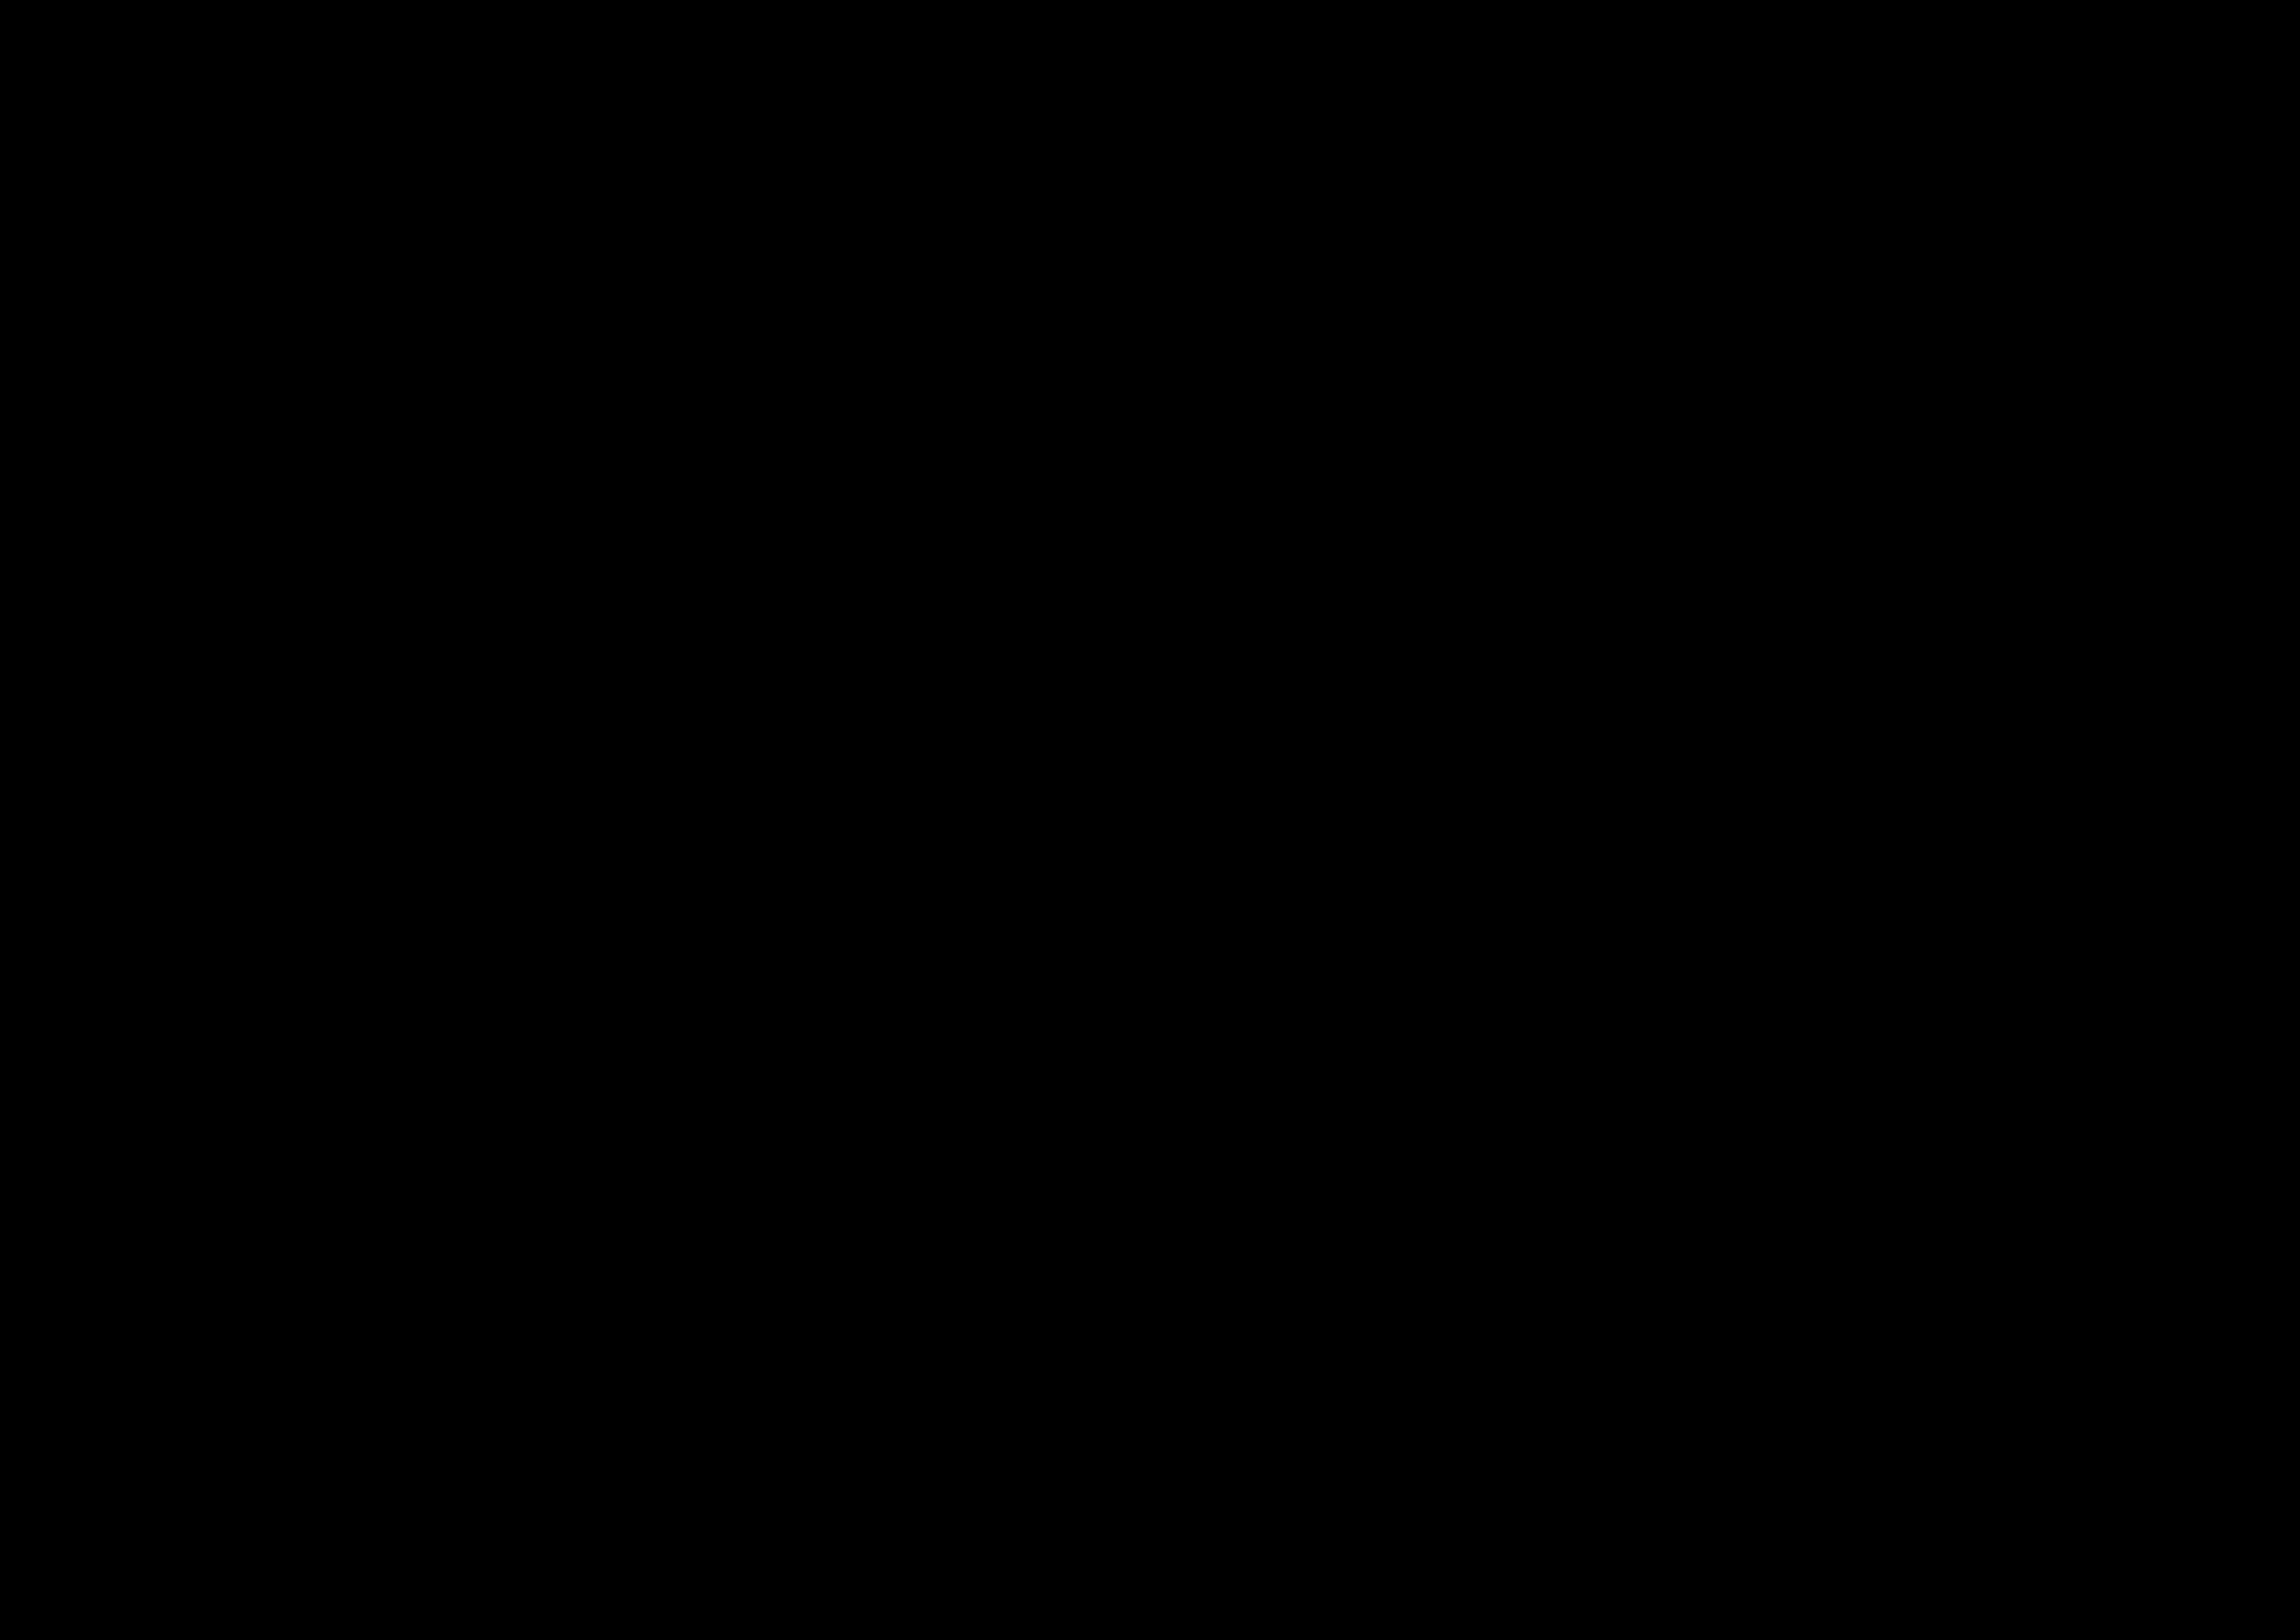 Торрент с нарисованным человечком